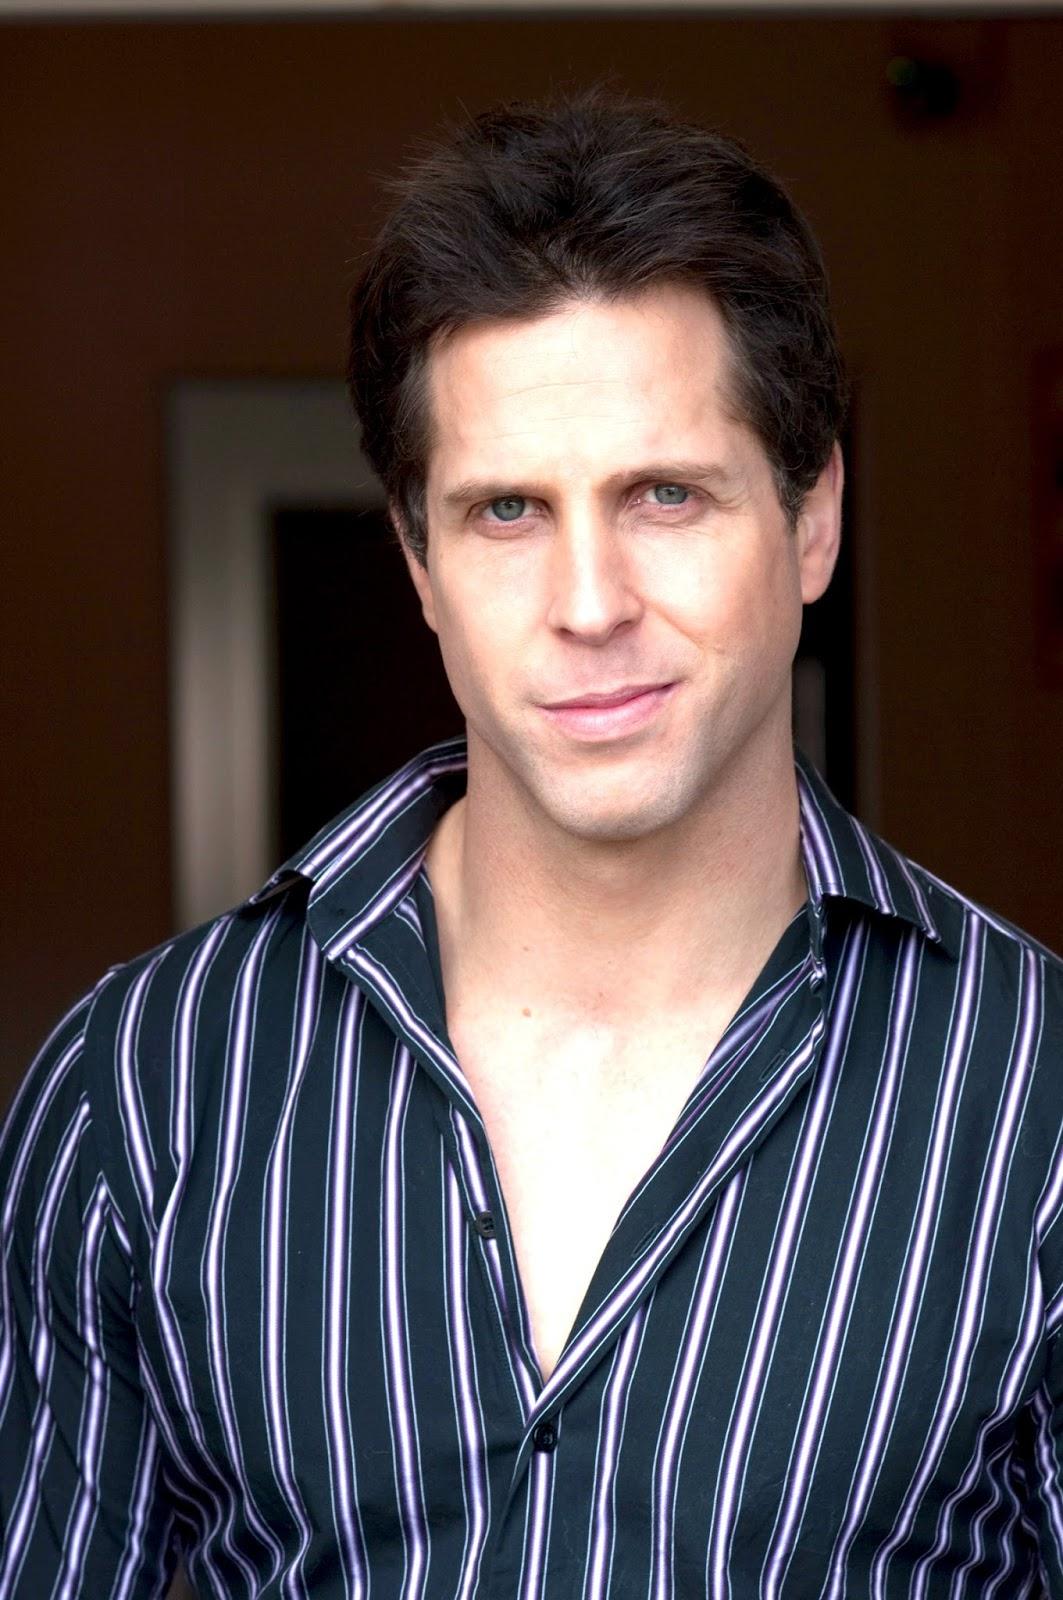 Steven A. Davis New Zealand Actor